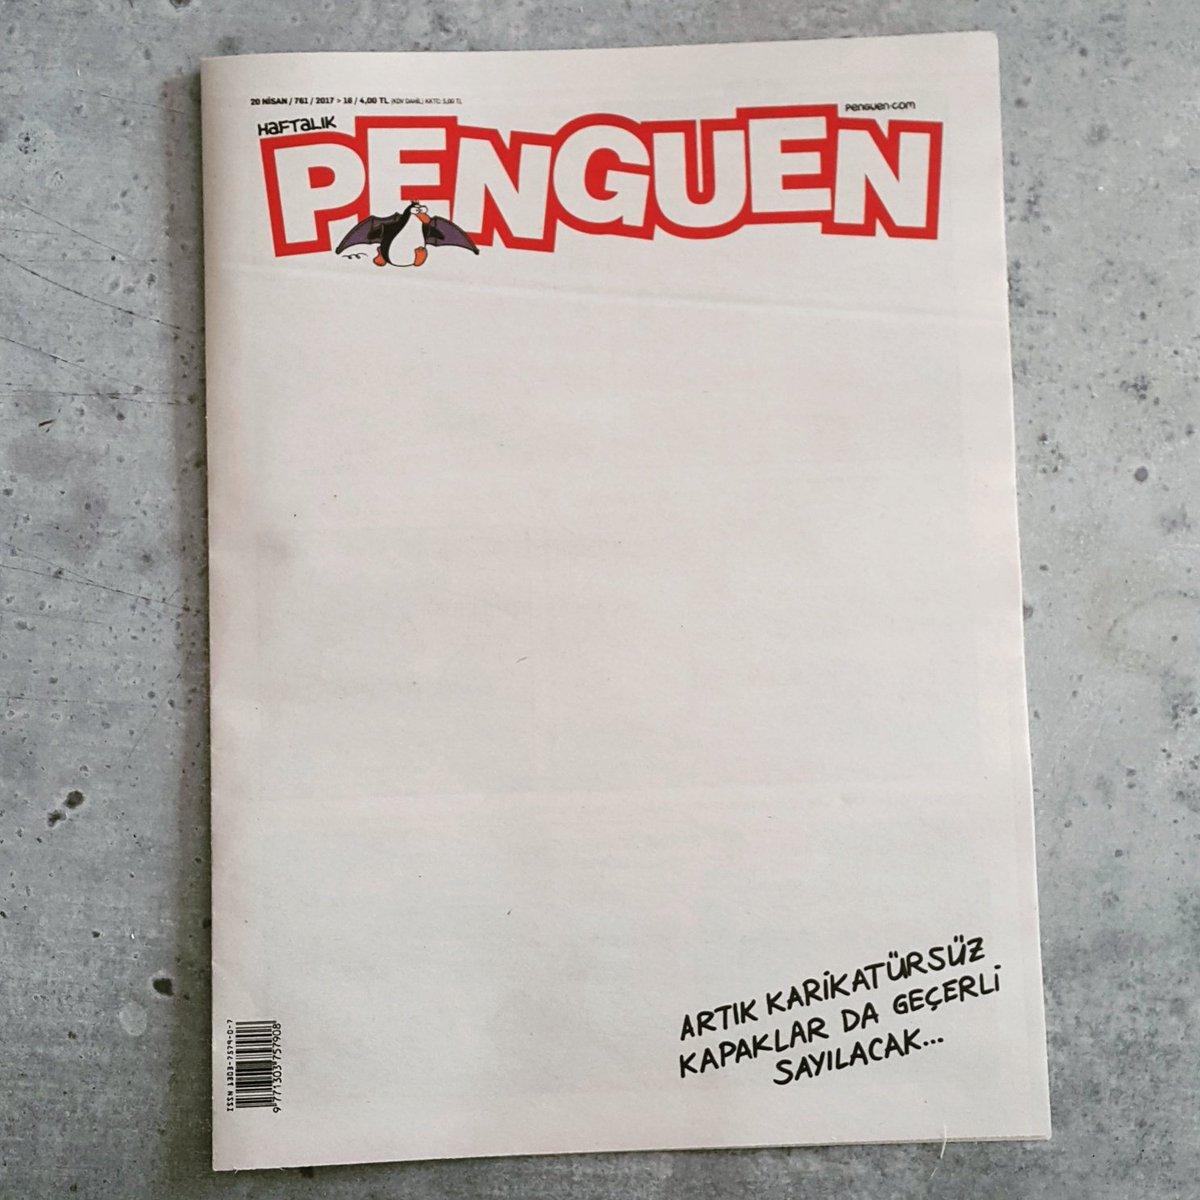 Artık karikatürsüz kapaklar da geçerli sayılacak... #Penguen yeni sayı çıktı!